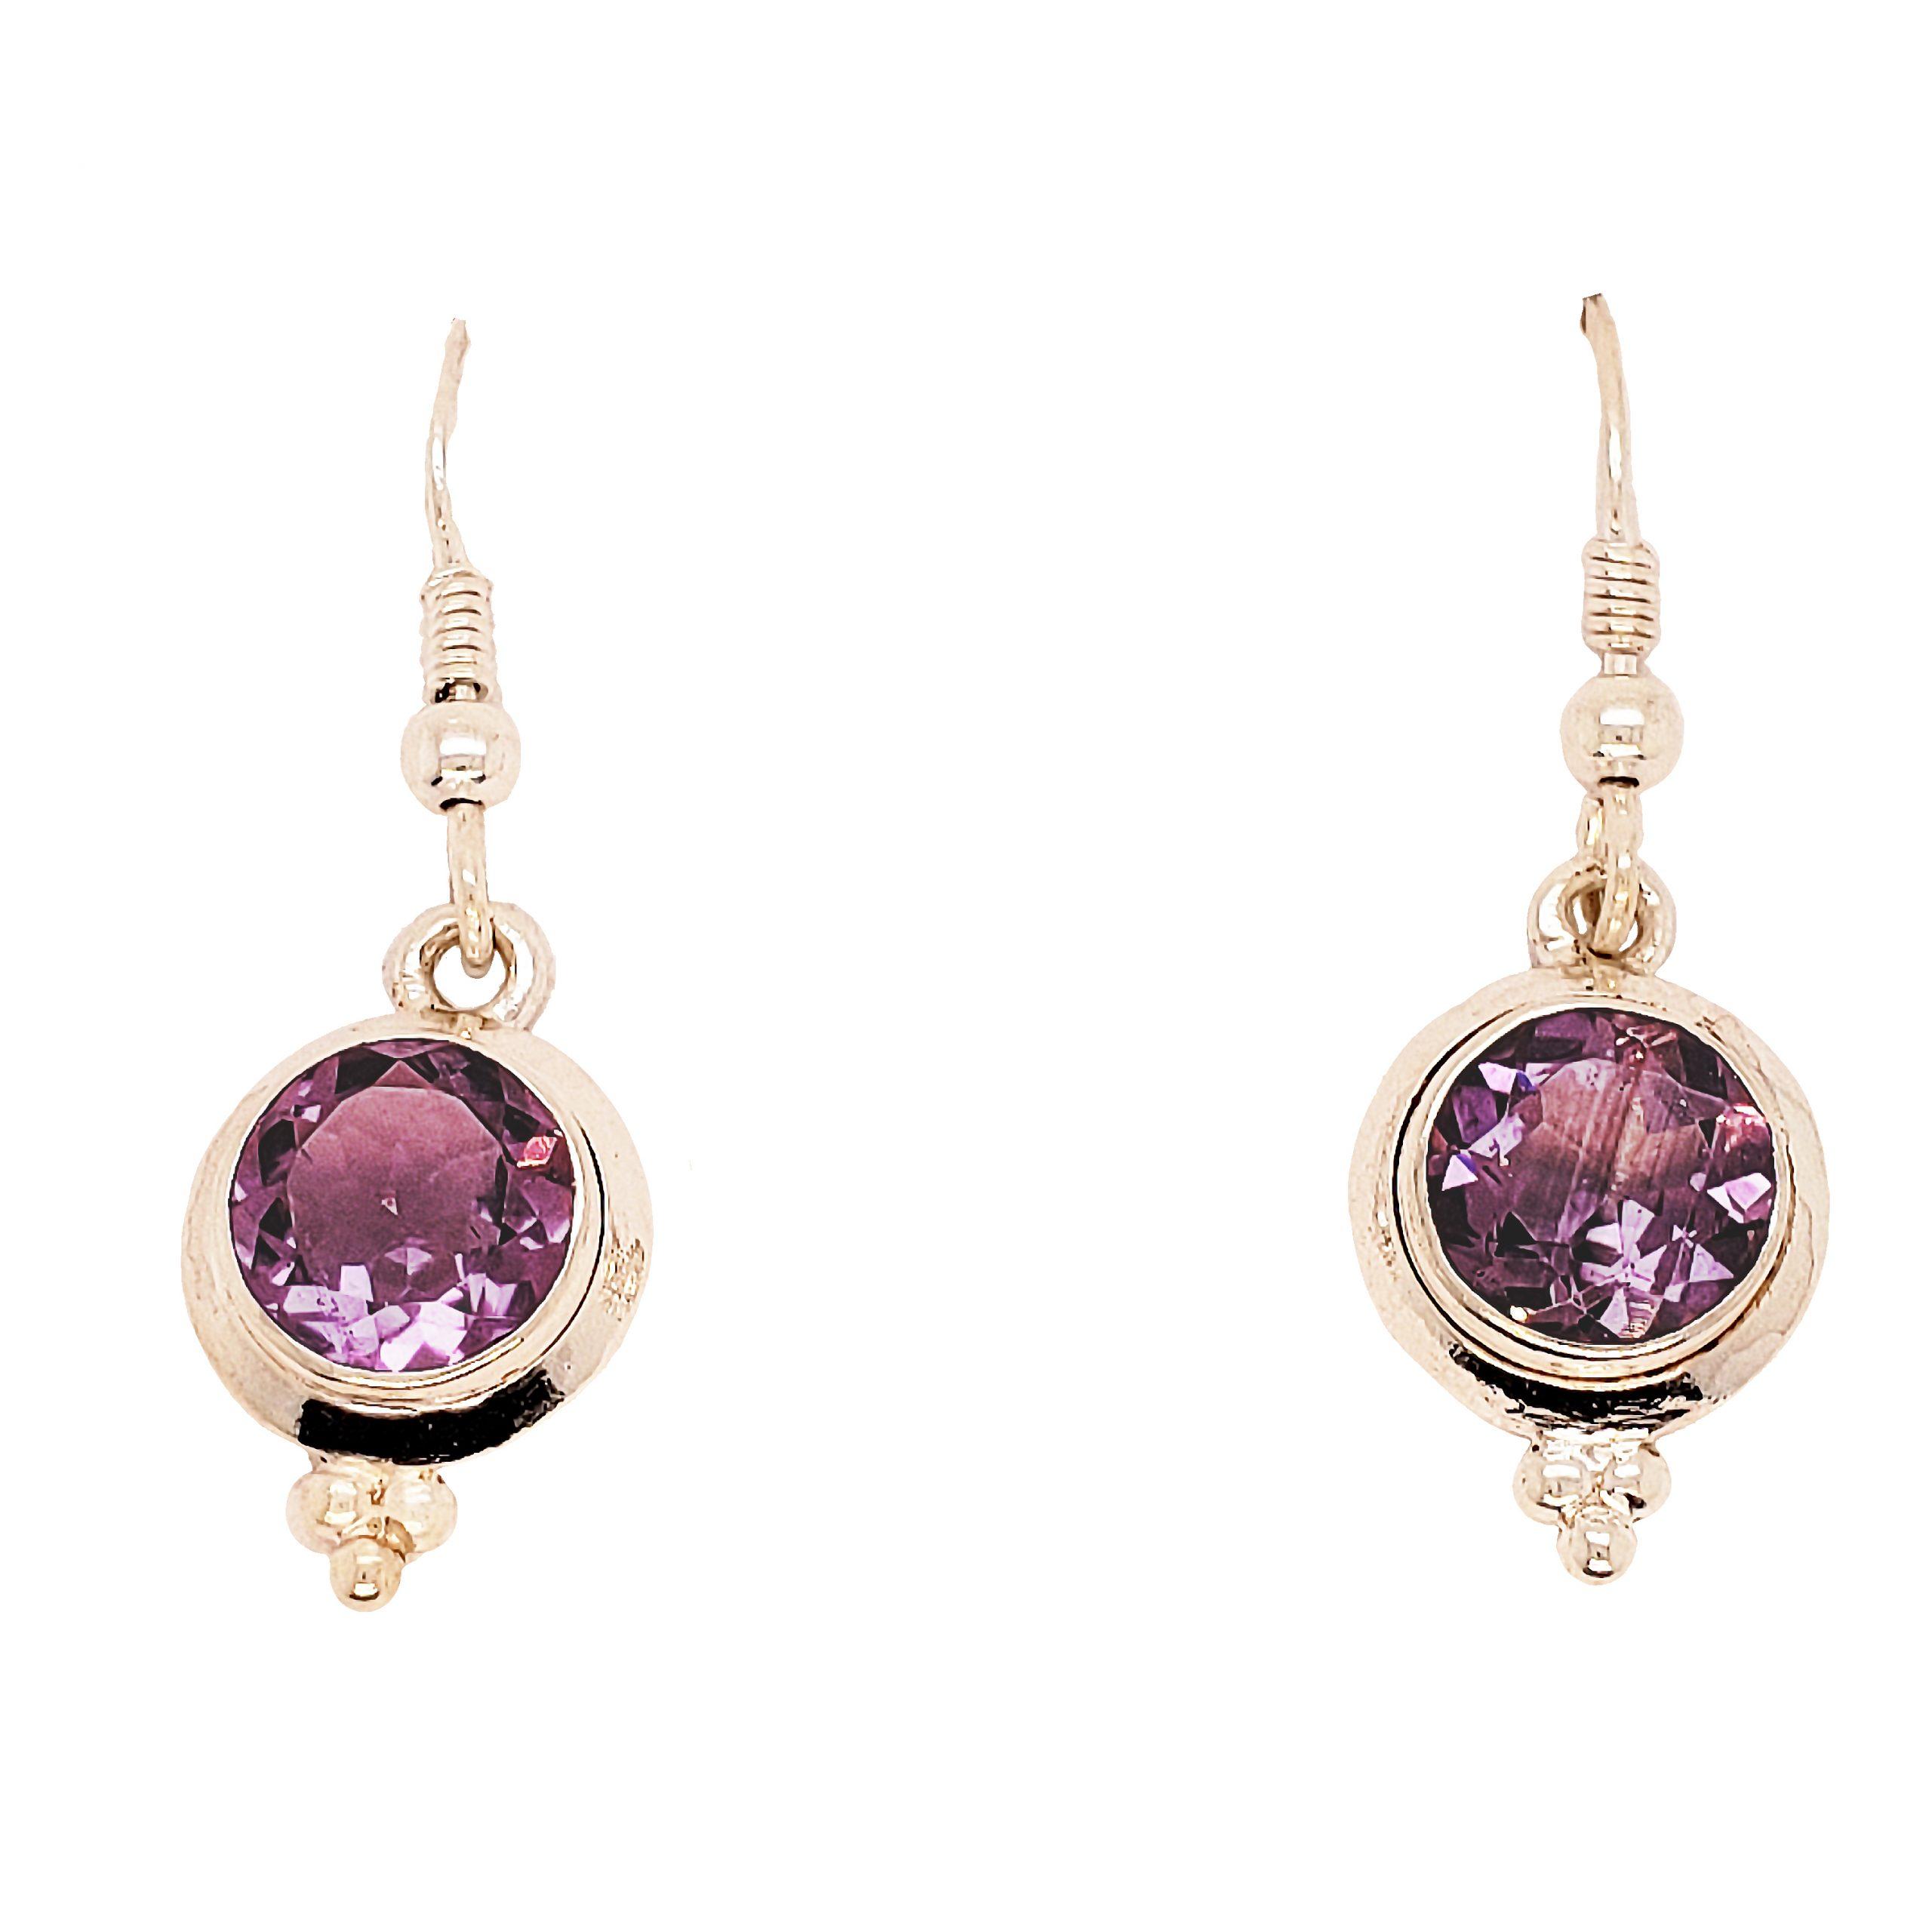 Lavendar Amethyst Earrings